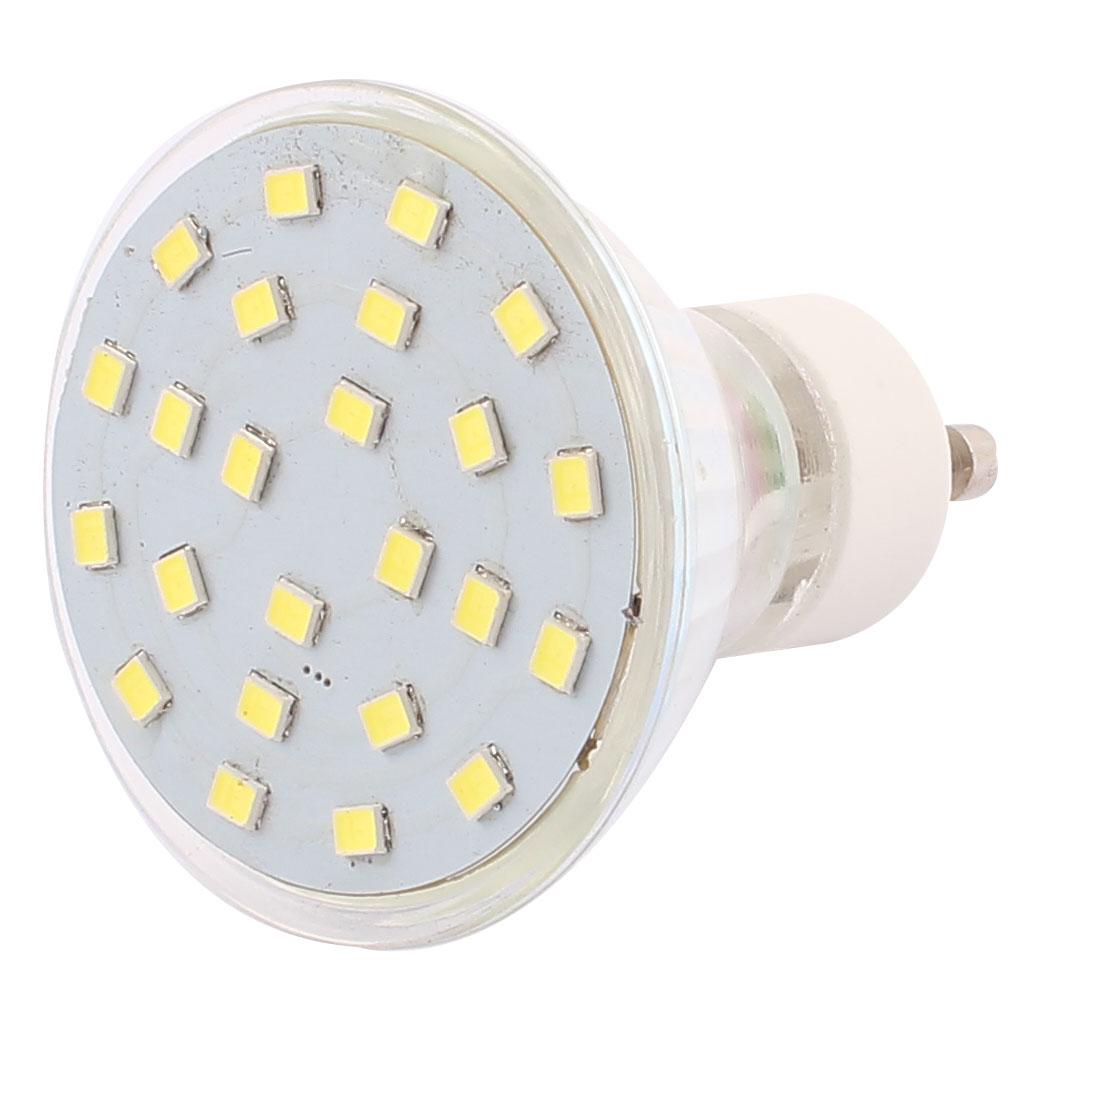 220V GU10 LED Light 4W 2835 SMD 24 LEDs Spotlight Down Lamp Bulb Lighting Pure White